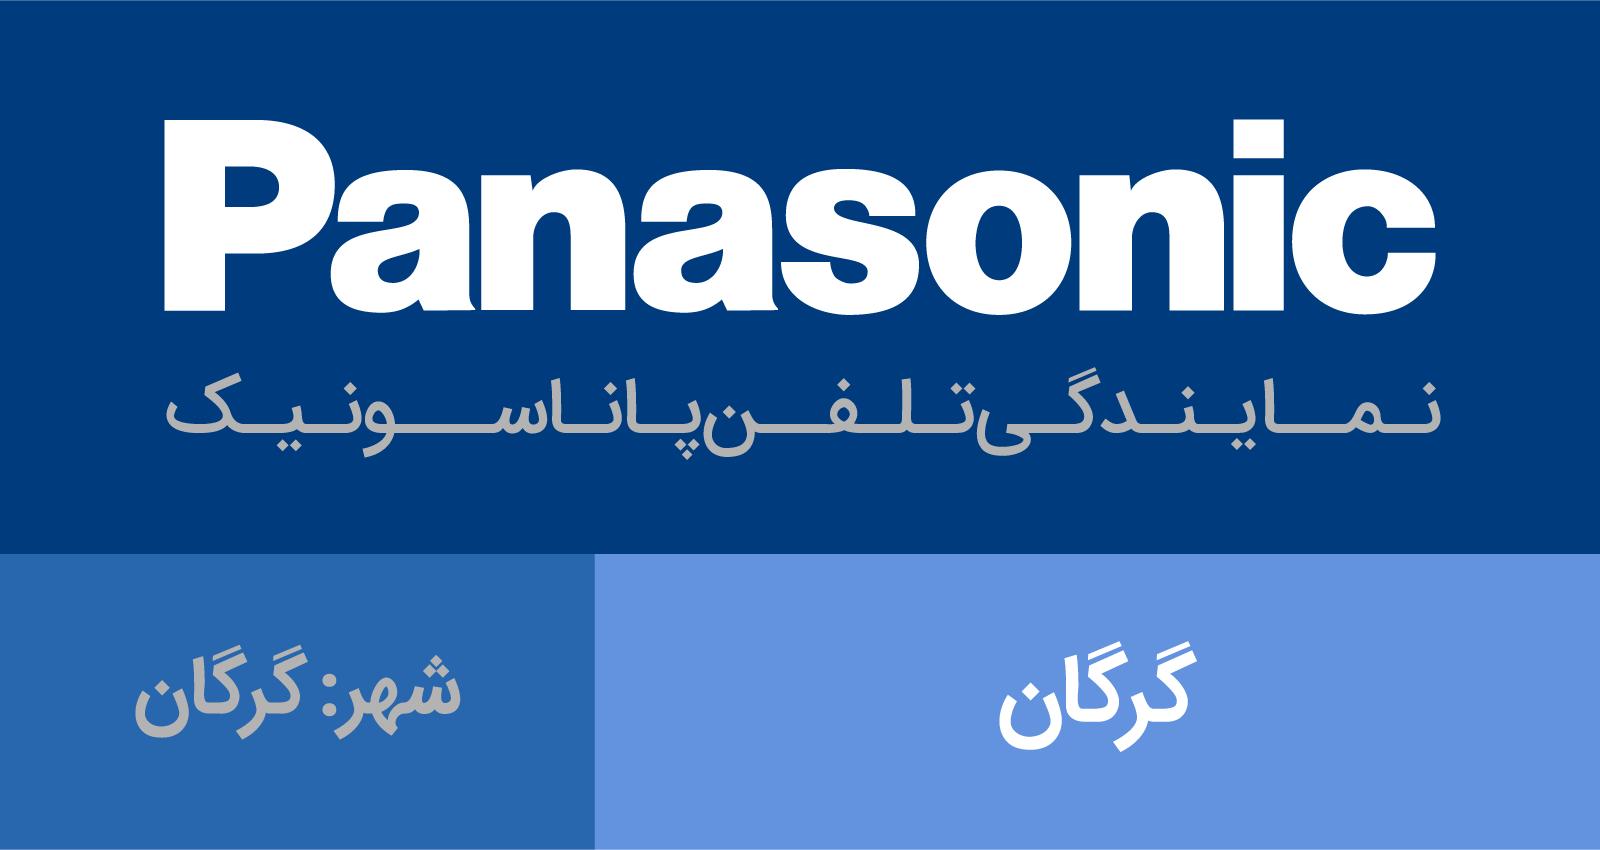 نمایندگی پاناسونیک گرگان - گرگان